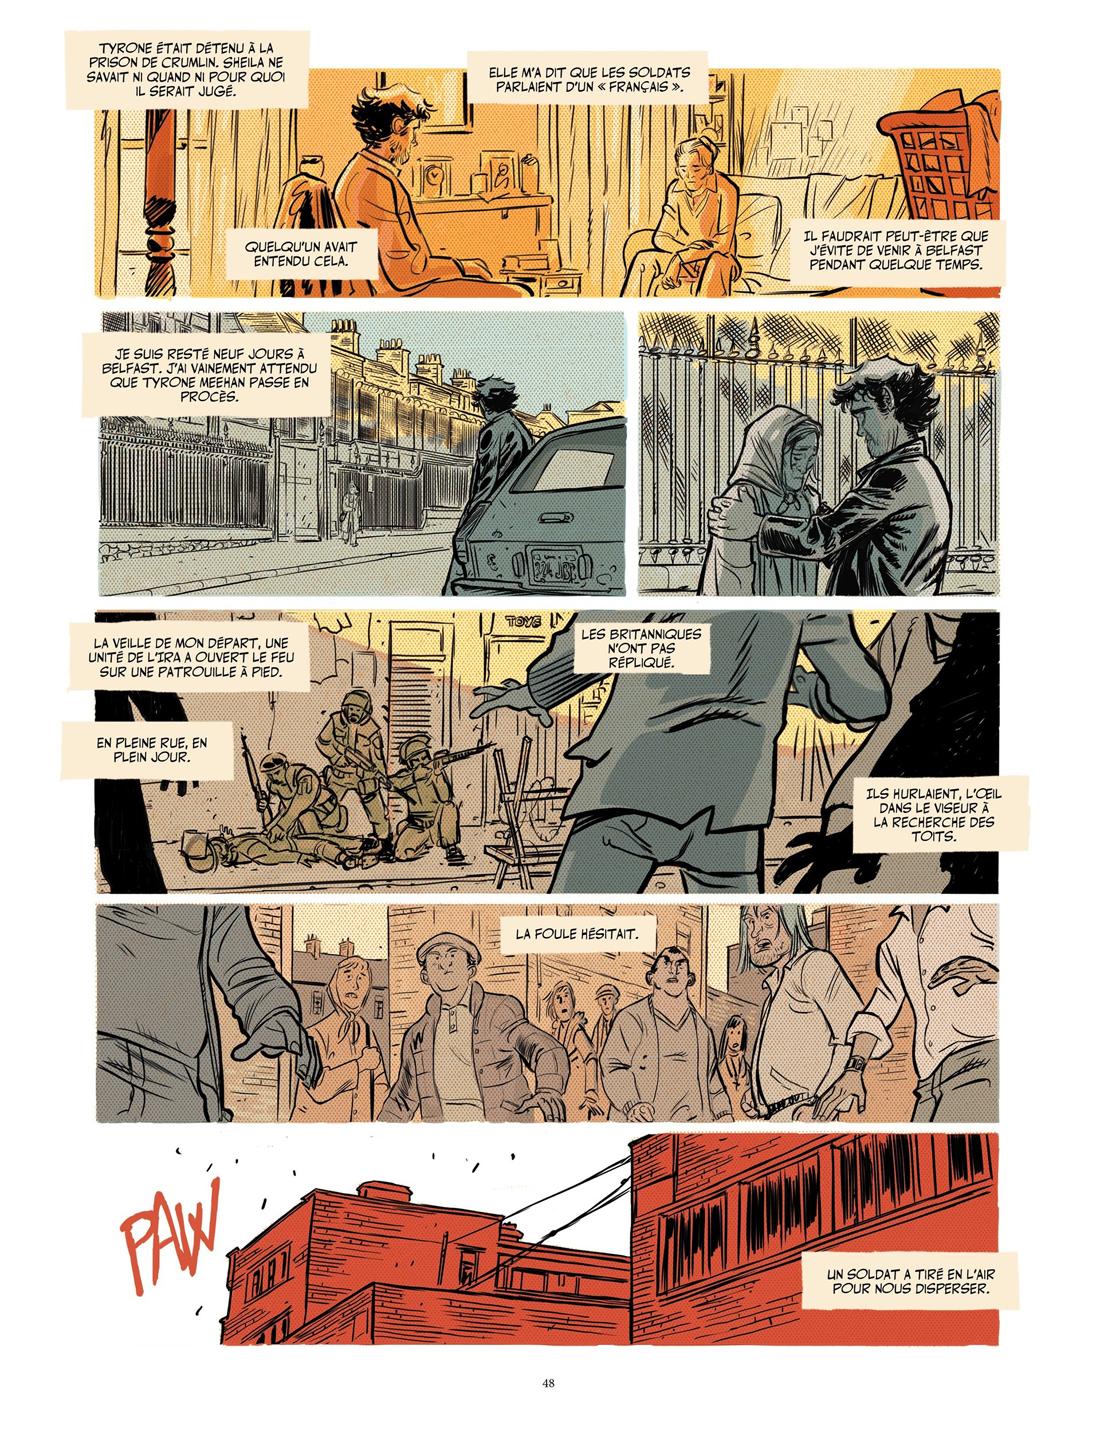 Mon Traître, version finale de la page 30 © Pierre Alary